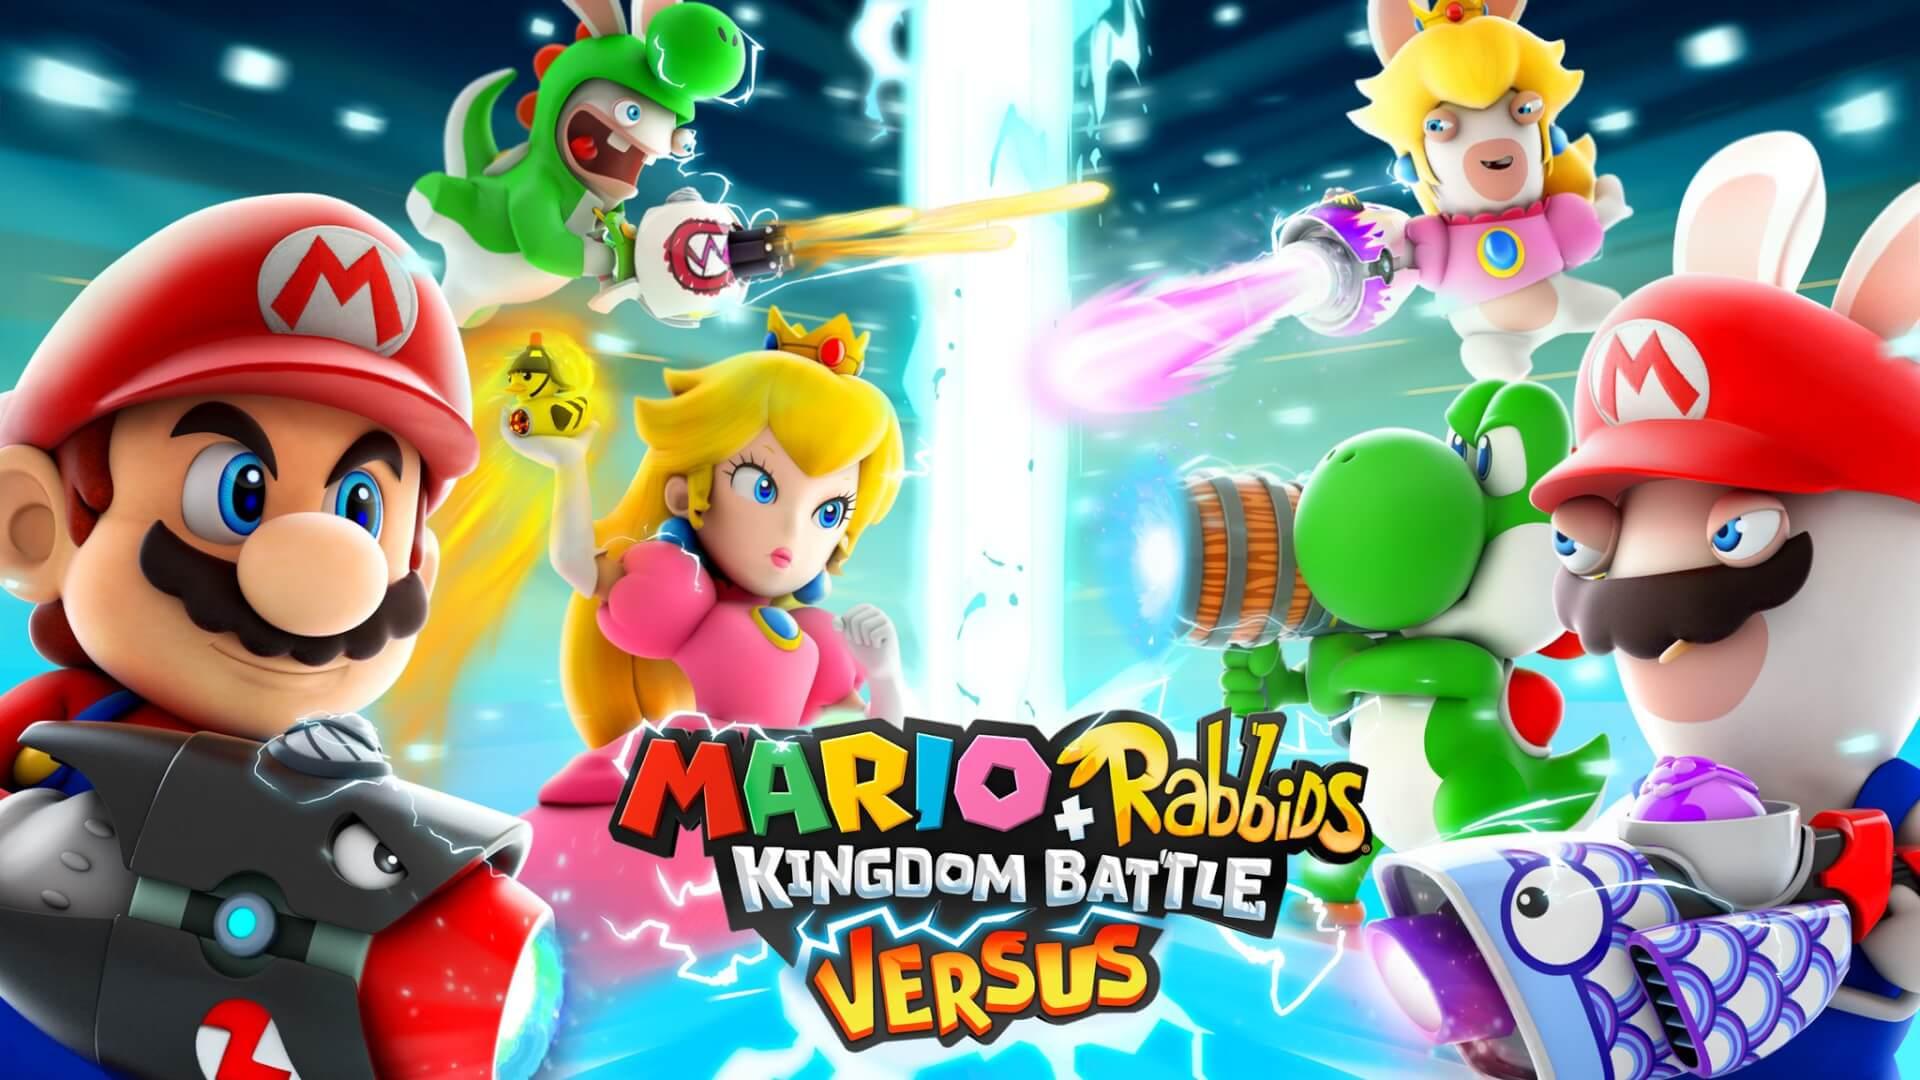 Foto de Mario + Rabbids Kingdom Battle terá modo Versus a partir de amanhã